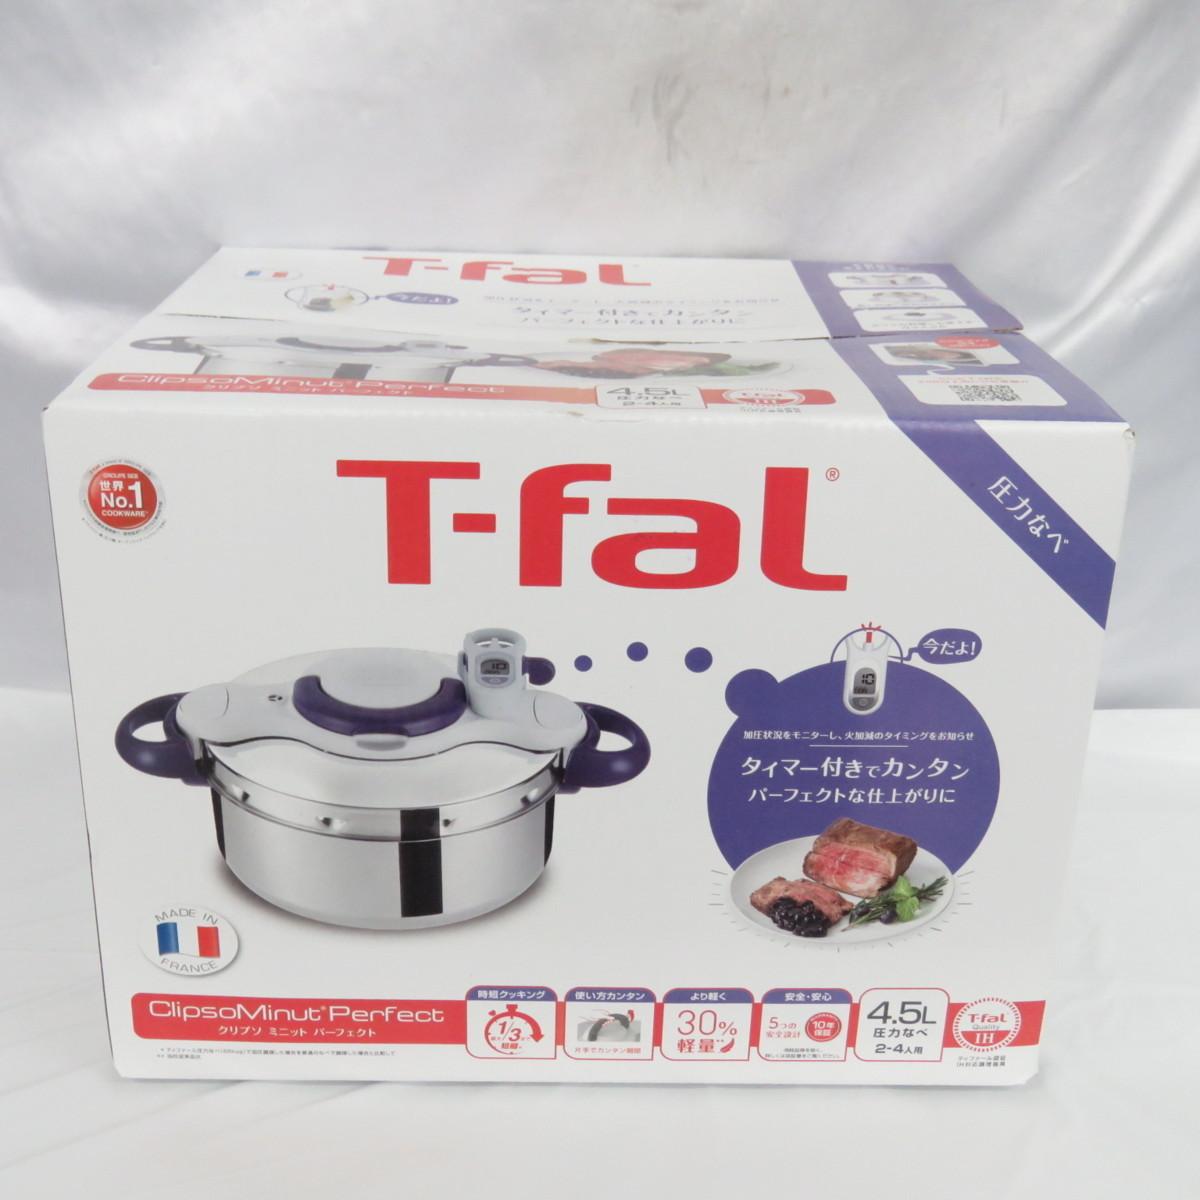 【未開封/未使用品】T-fal ティファール 圧力鍋 クリプソミニット パーフェクト 4.5L P4620635 ※箱ダメージ有 10677311